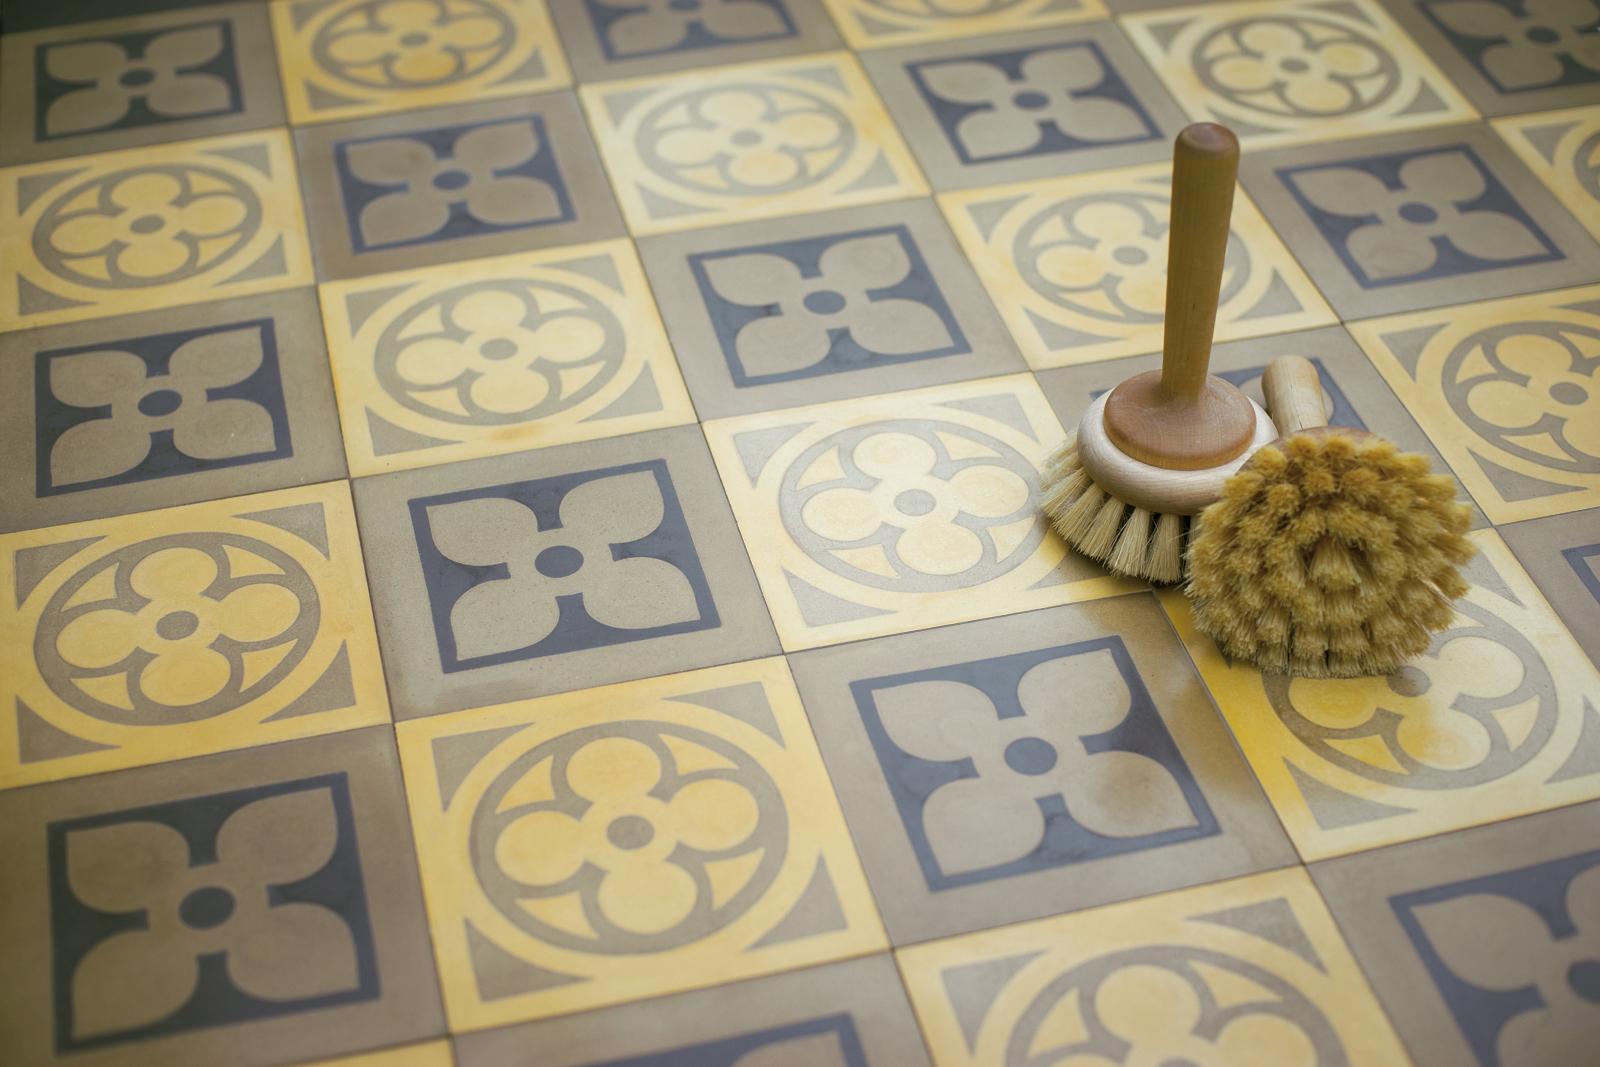 Zementmosaikplatten-nr.51066-flur-viaplatten | 51066/169